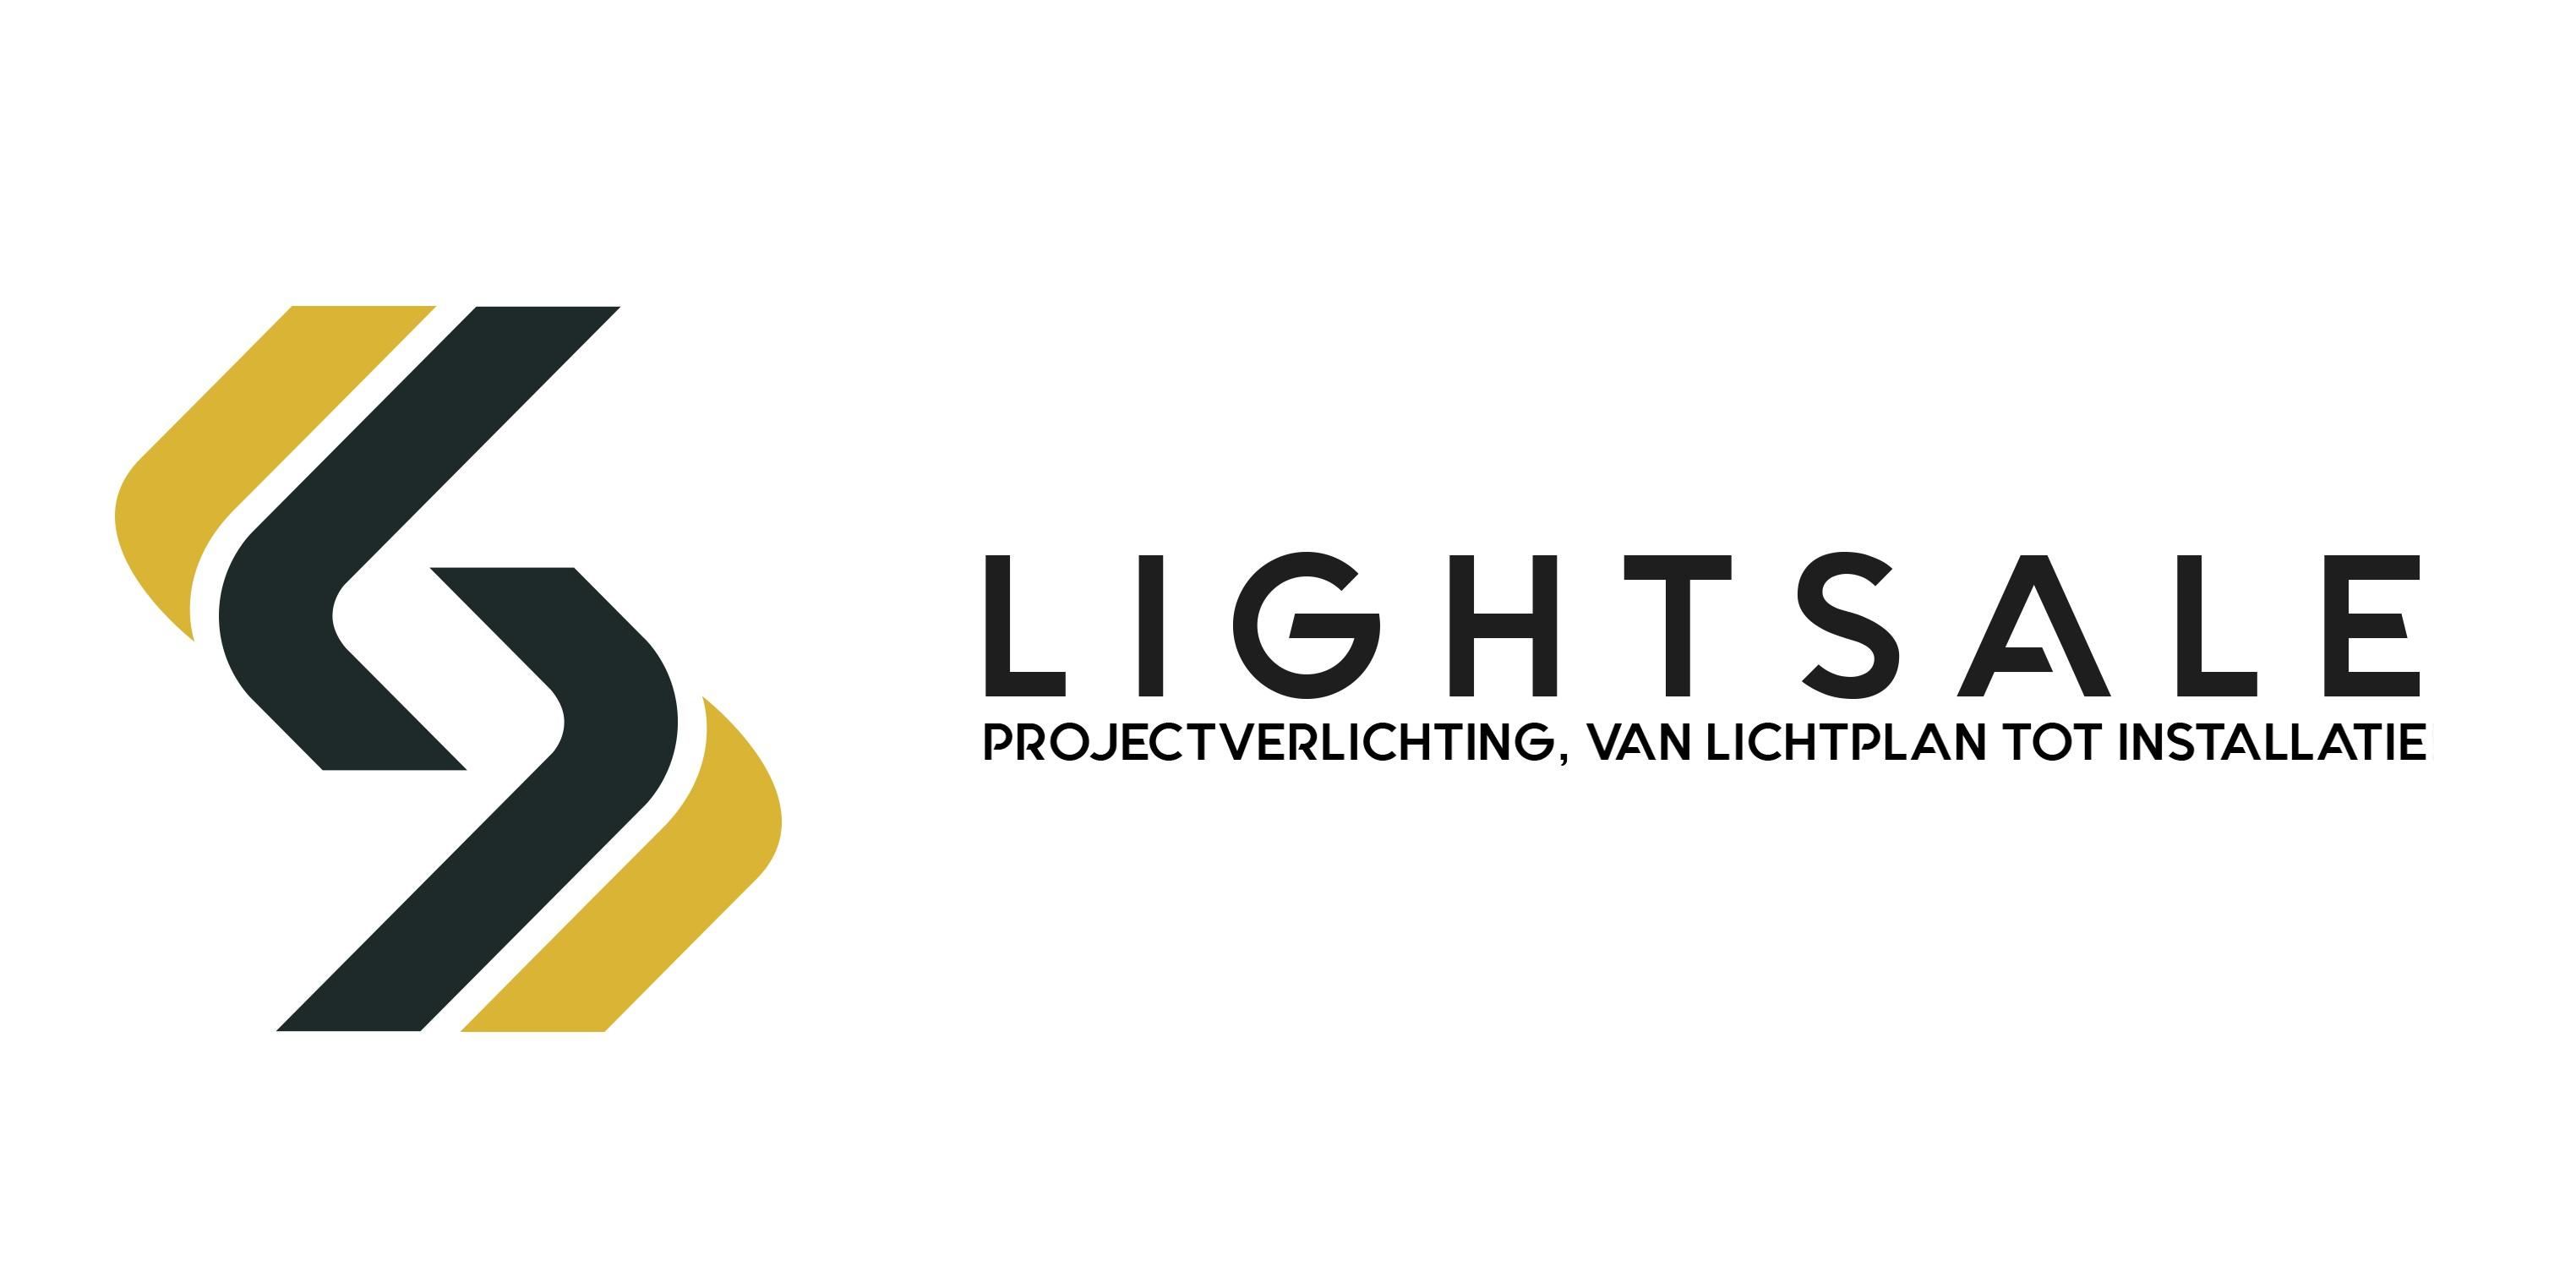 Lightsale | Het beste advies voor verlichting in uw winkel ...